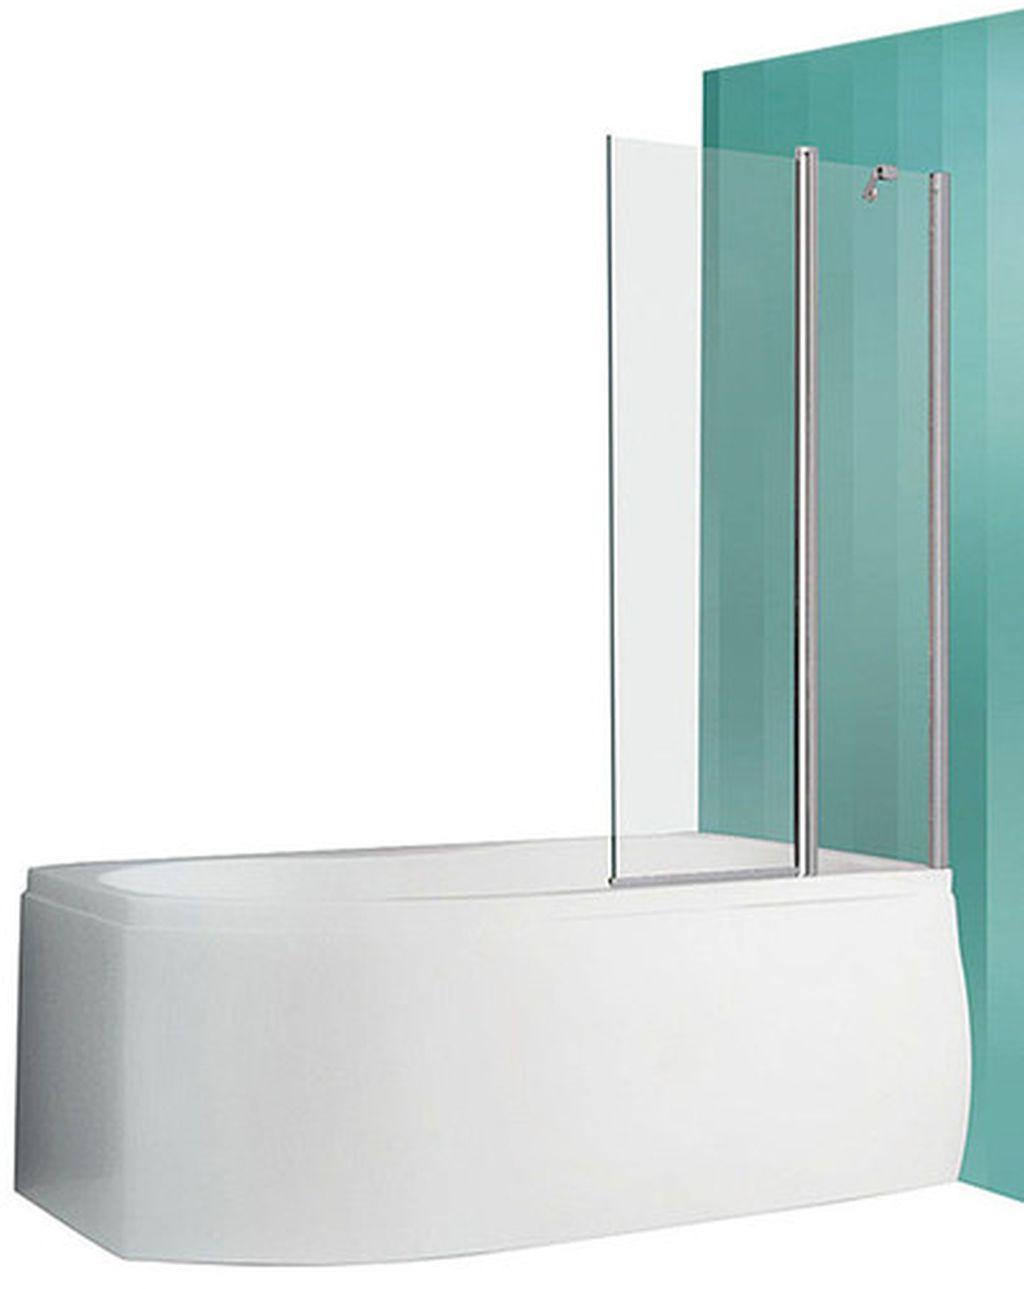 ROLTECHNIK Vanová zástěna oboustranně otevíratelná s pevnou částí TV2 brillant/transparent 732-9700000-00-02